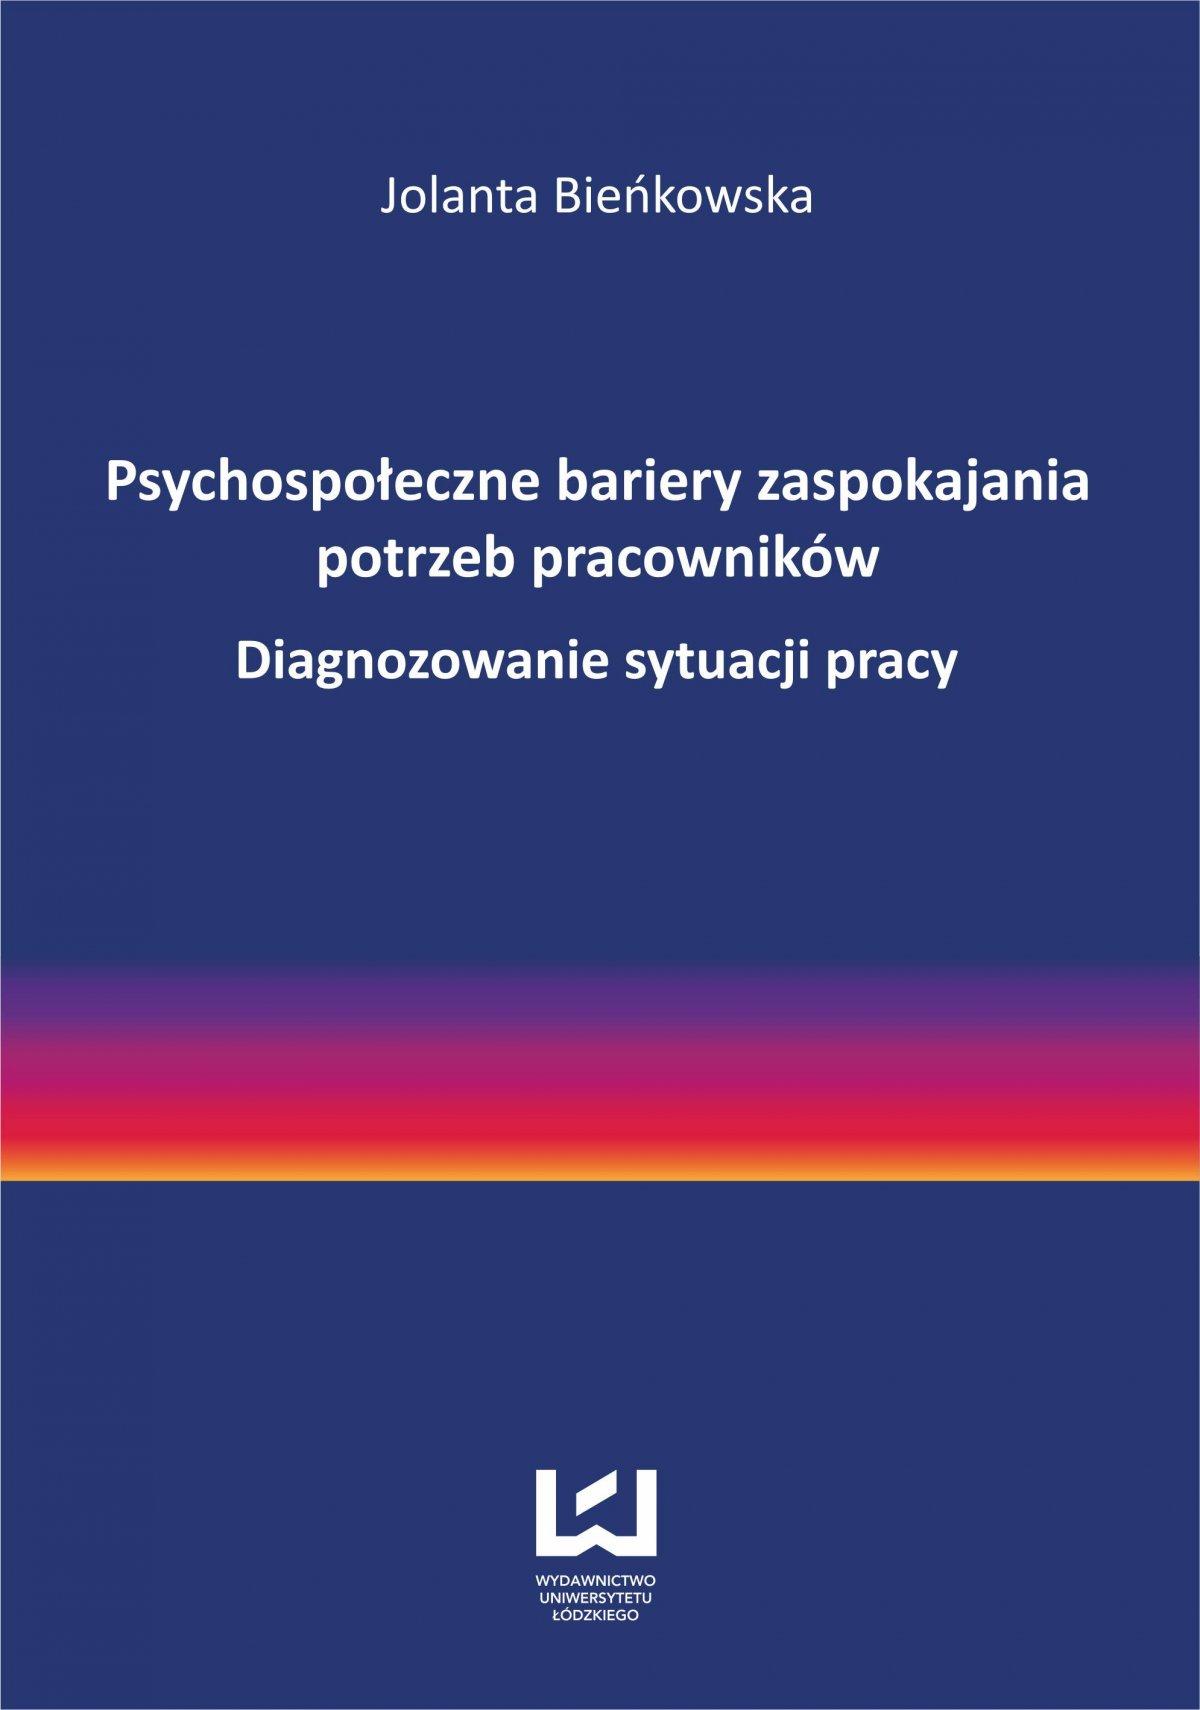 Psychospołeczne bariery zaspokajania potrzeb pracowników. Diagnozowanie sytuacji pracy - Ebook (Książka PDF) do pobrania w formacie PDF